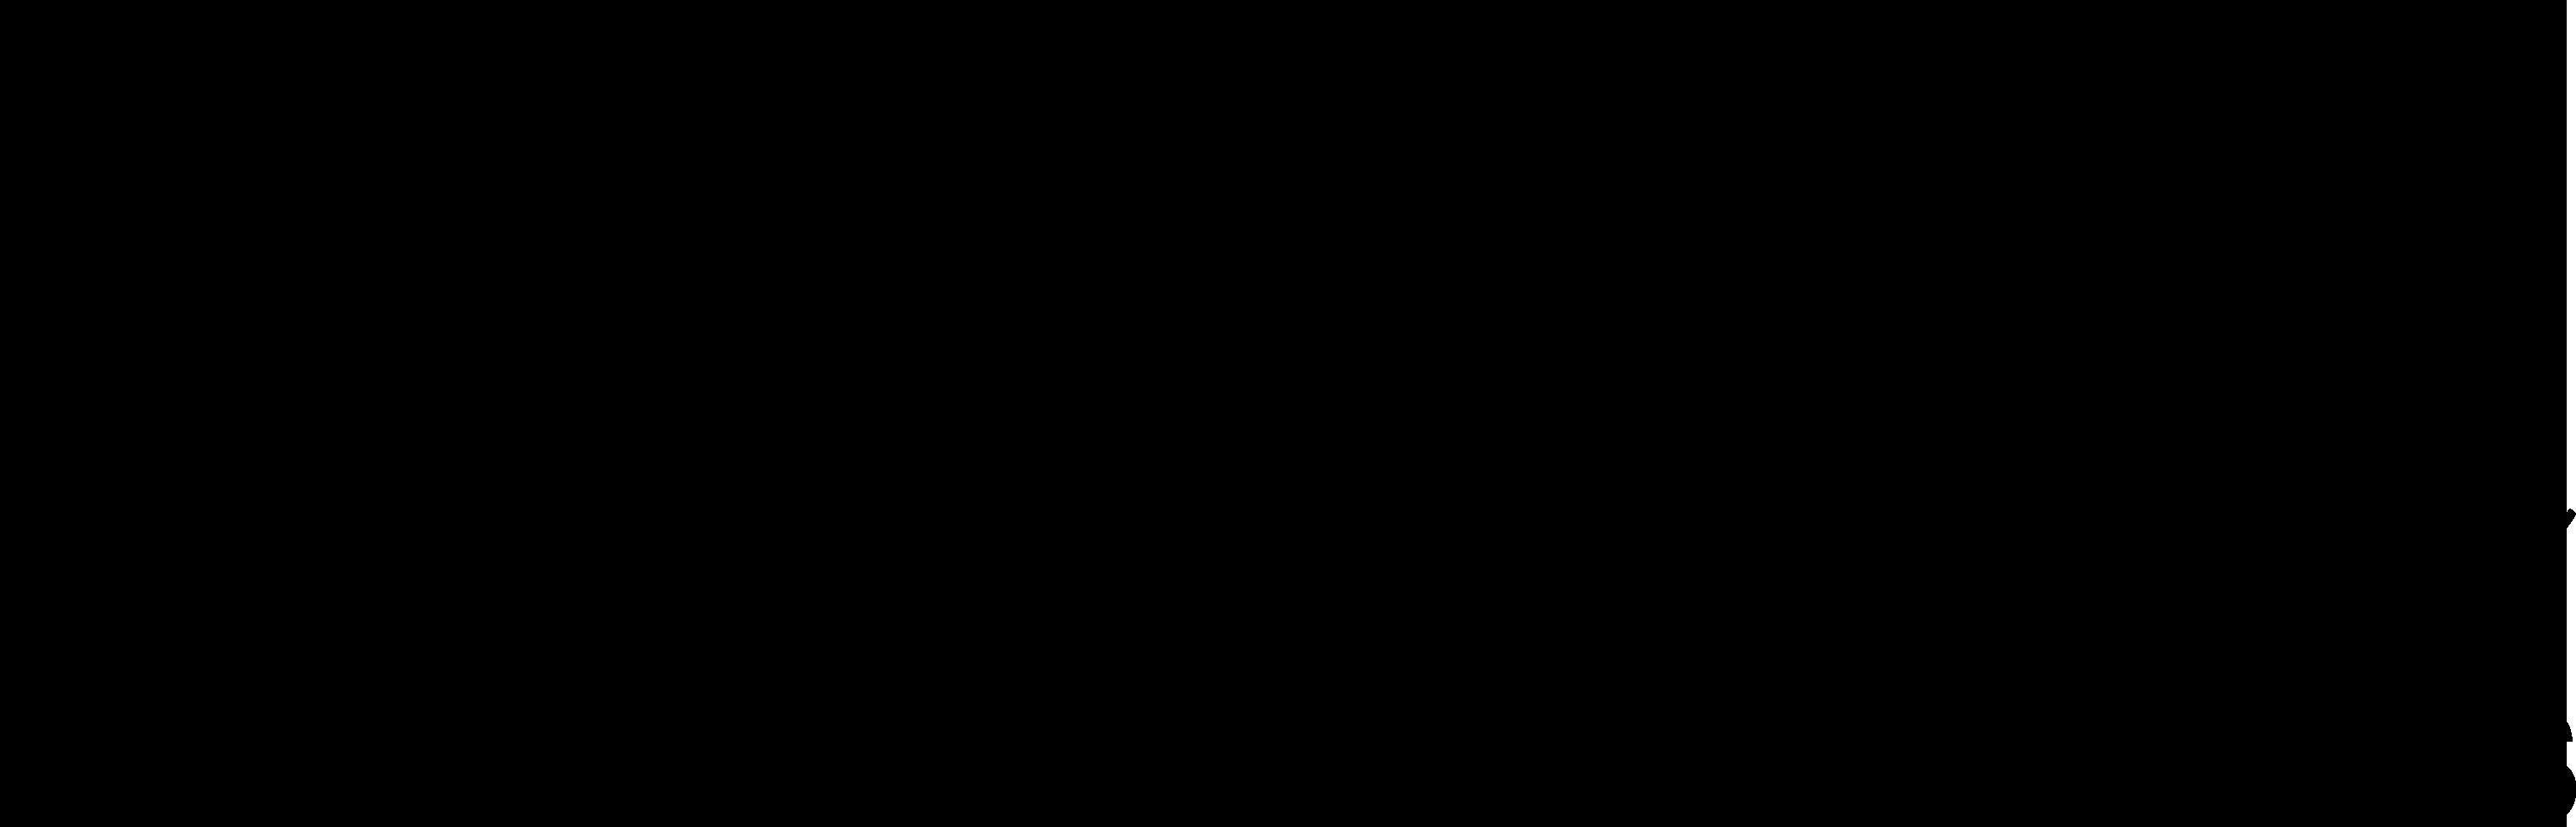 LP.SKU-11-8.BRAND-ALT